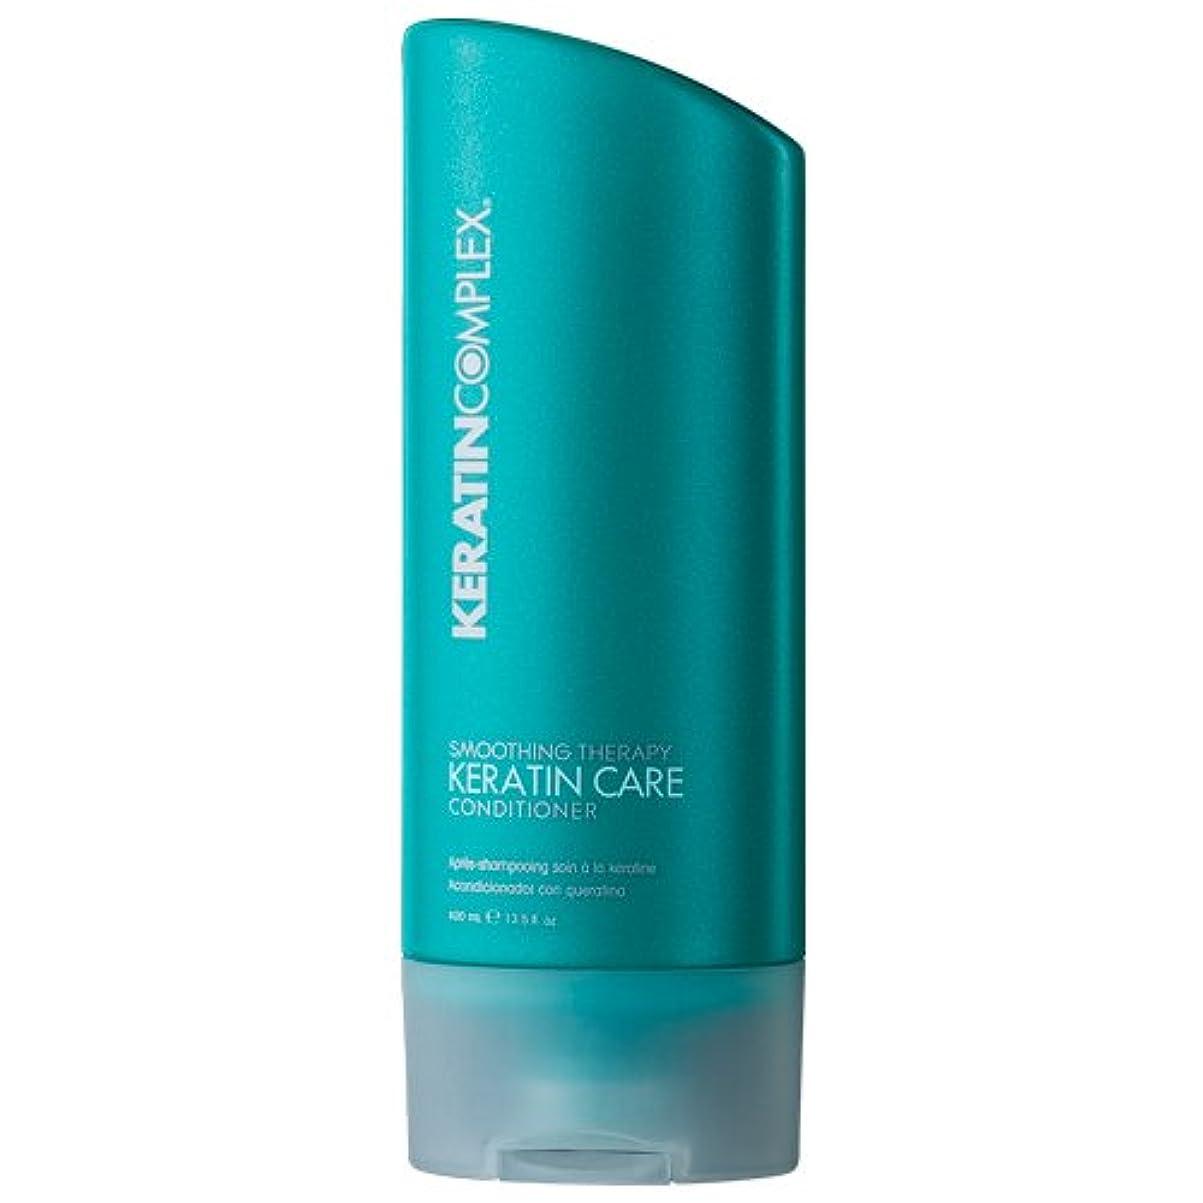 損傷感嘆最も遠いSmoothing Therapy Keratin Care Conditioner (For All Hair Types) - 400ml/13.5oz